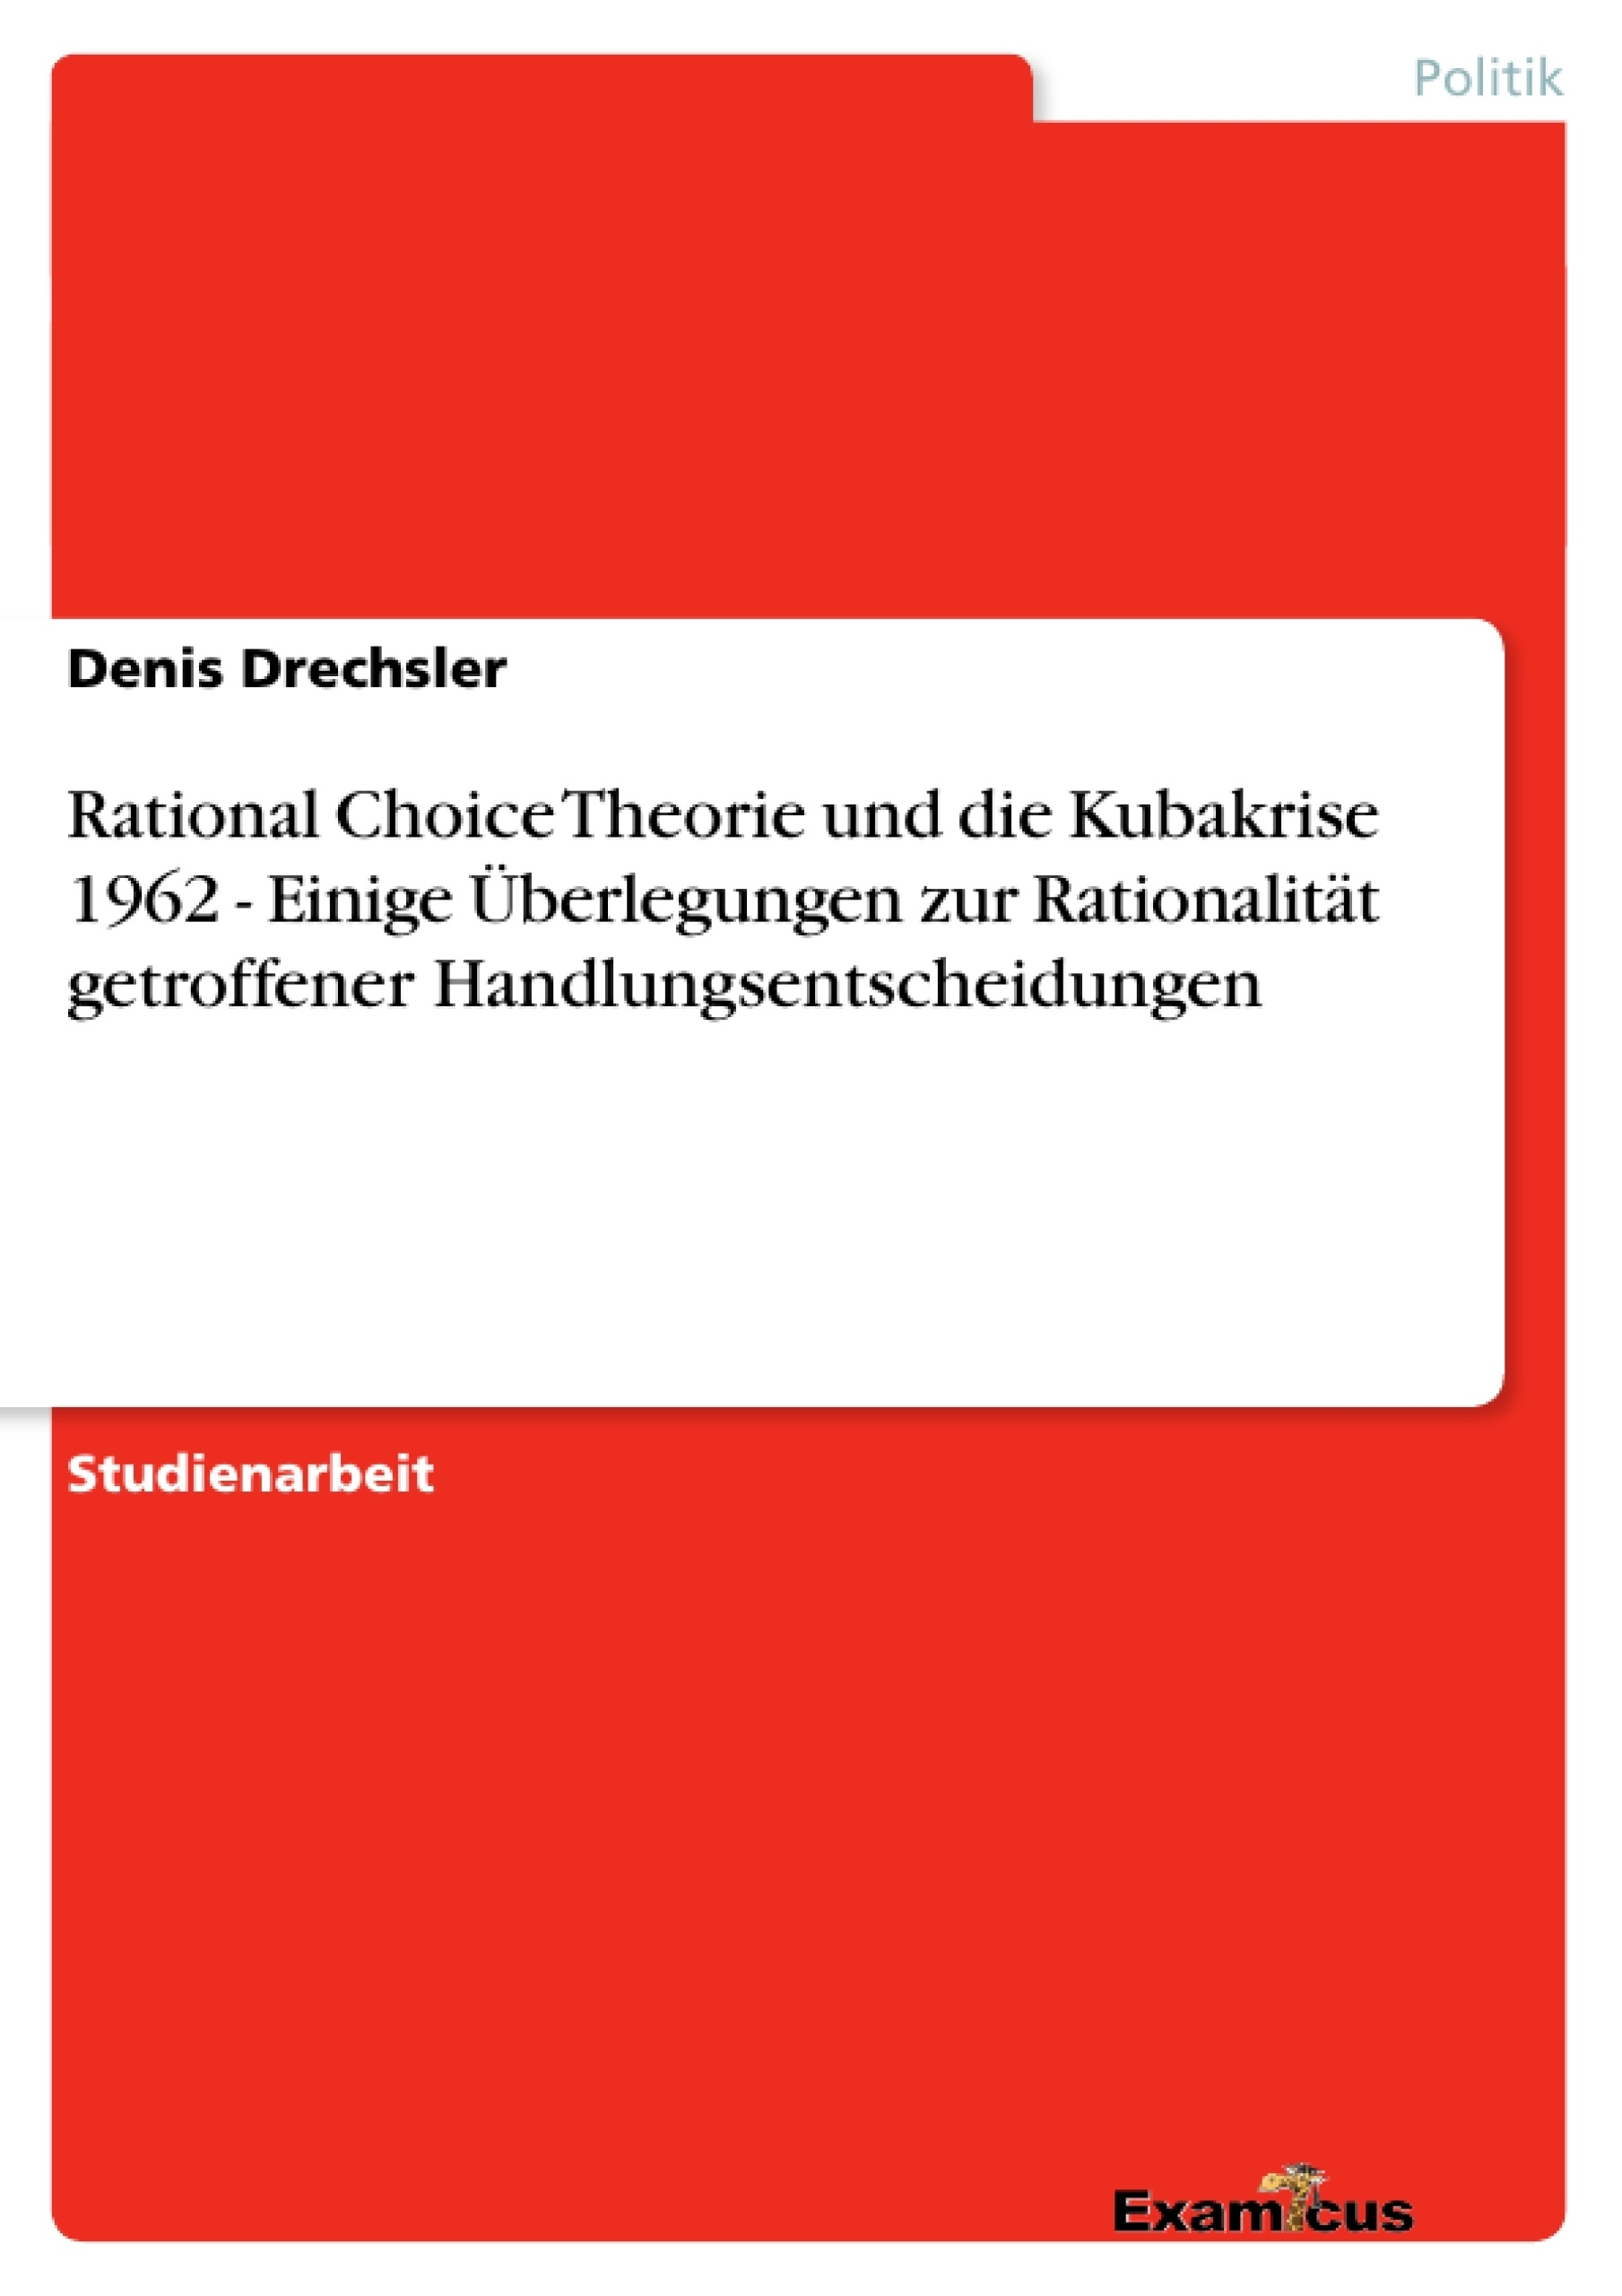 Titel: Rational Choice Theorie und die Kubakrise 1962 - Einige Überlegungen zur Rationalität getroffener Handlungsentscheidungen